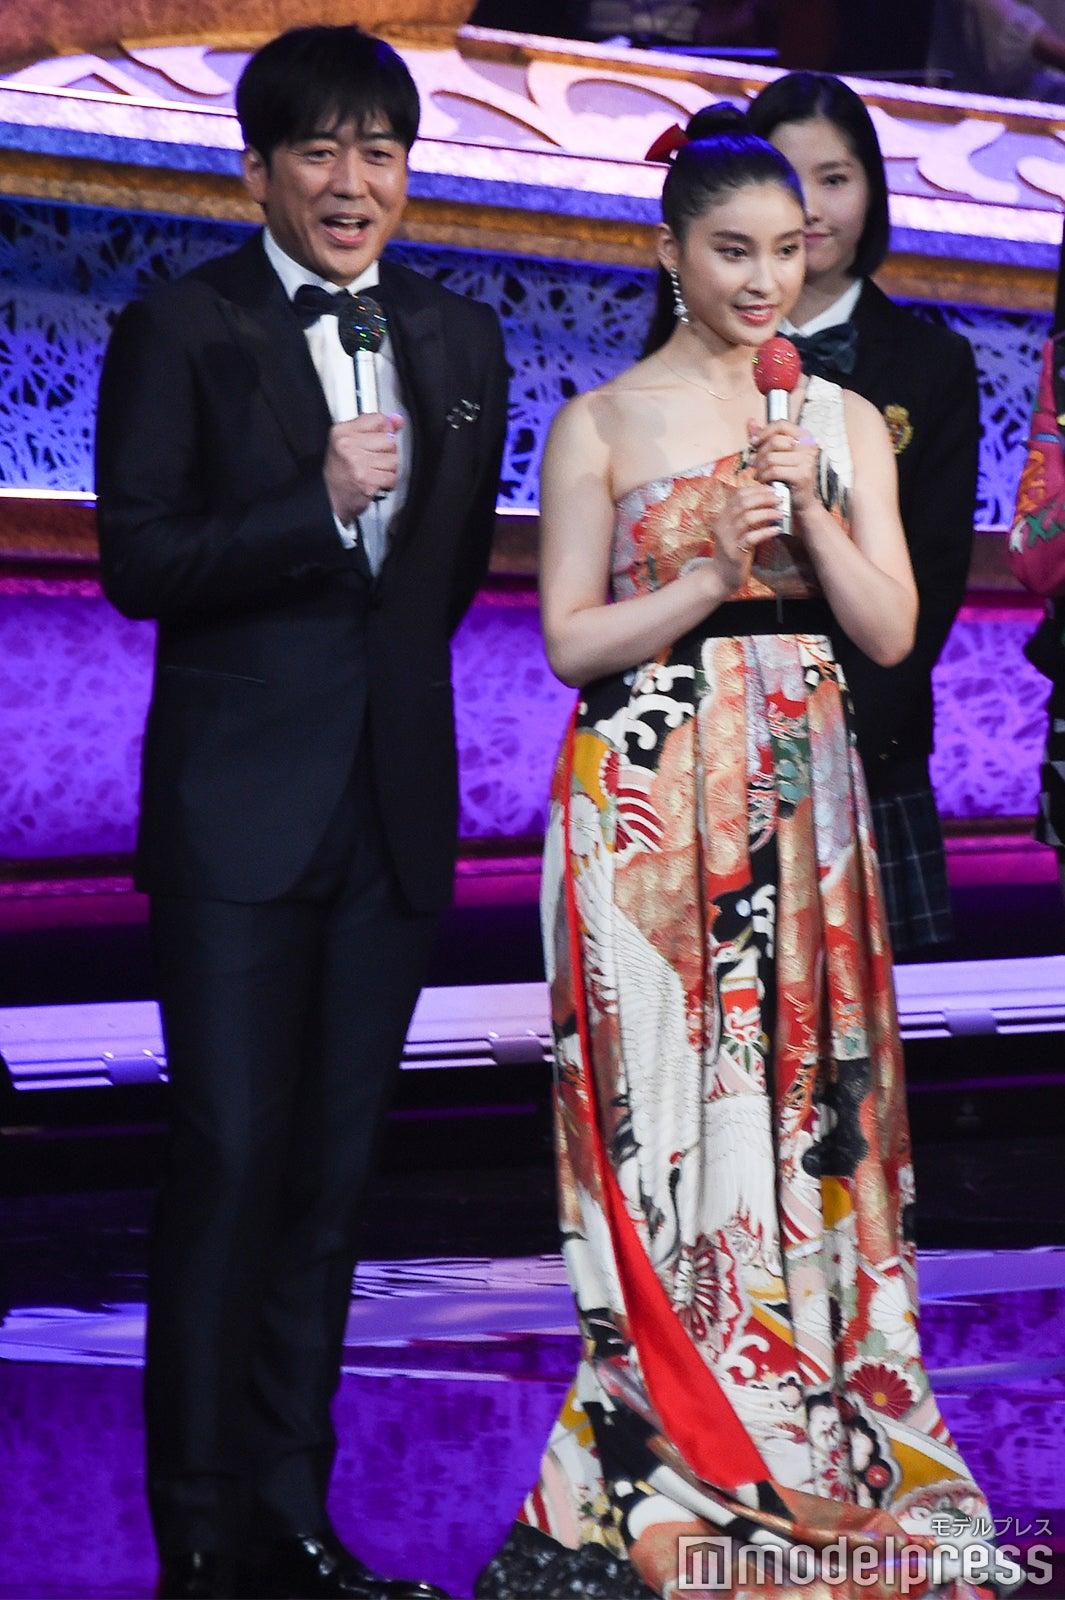 土屋太鳳、妖艶和柄ドレスで美デコルテ披露 2度目の「レコ大